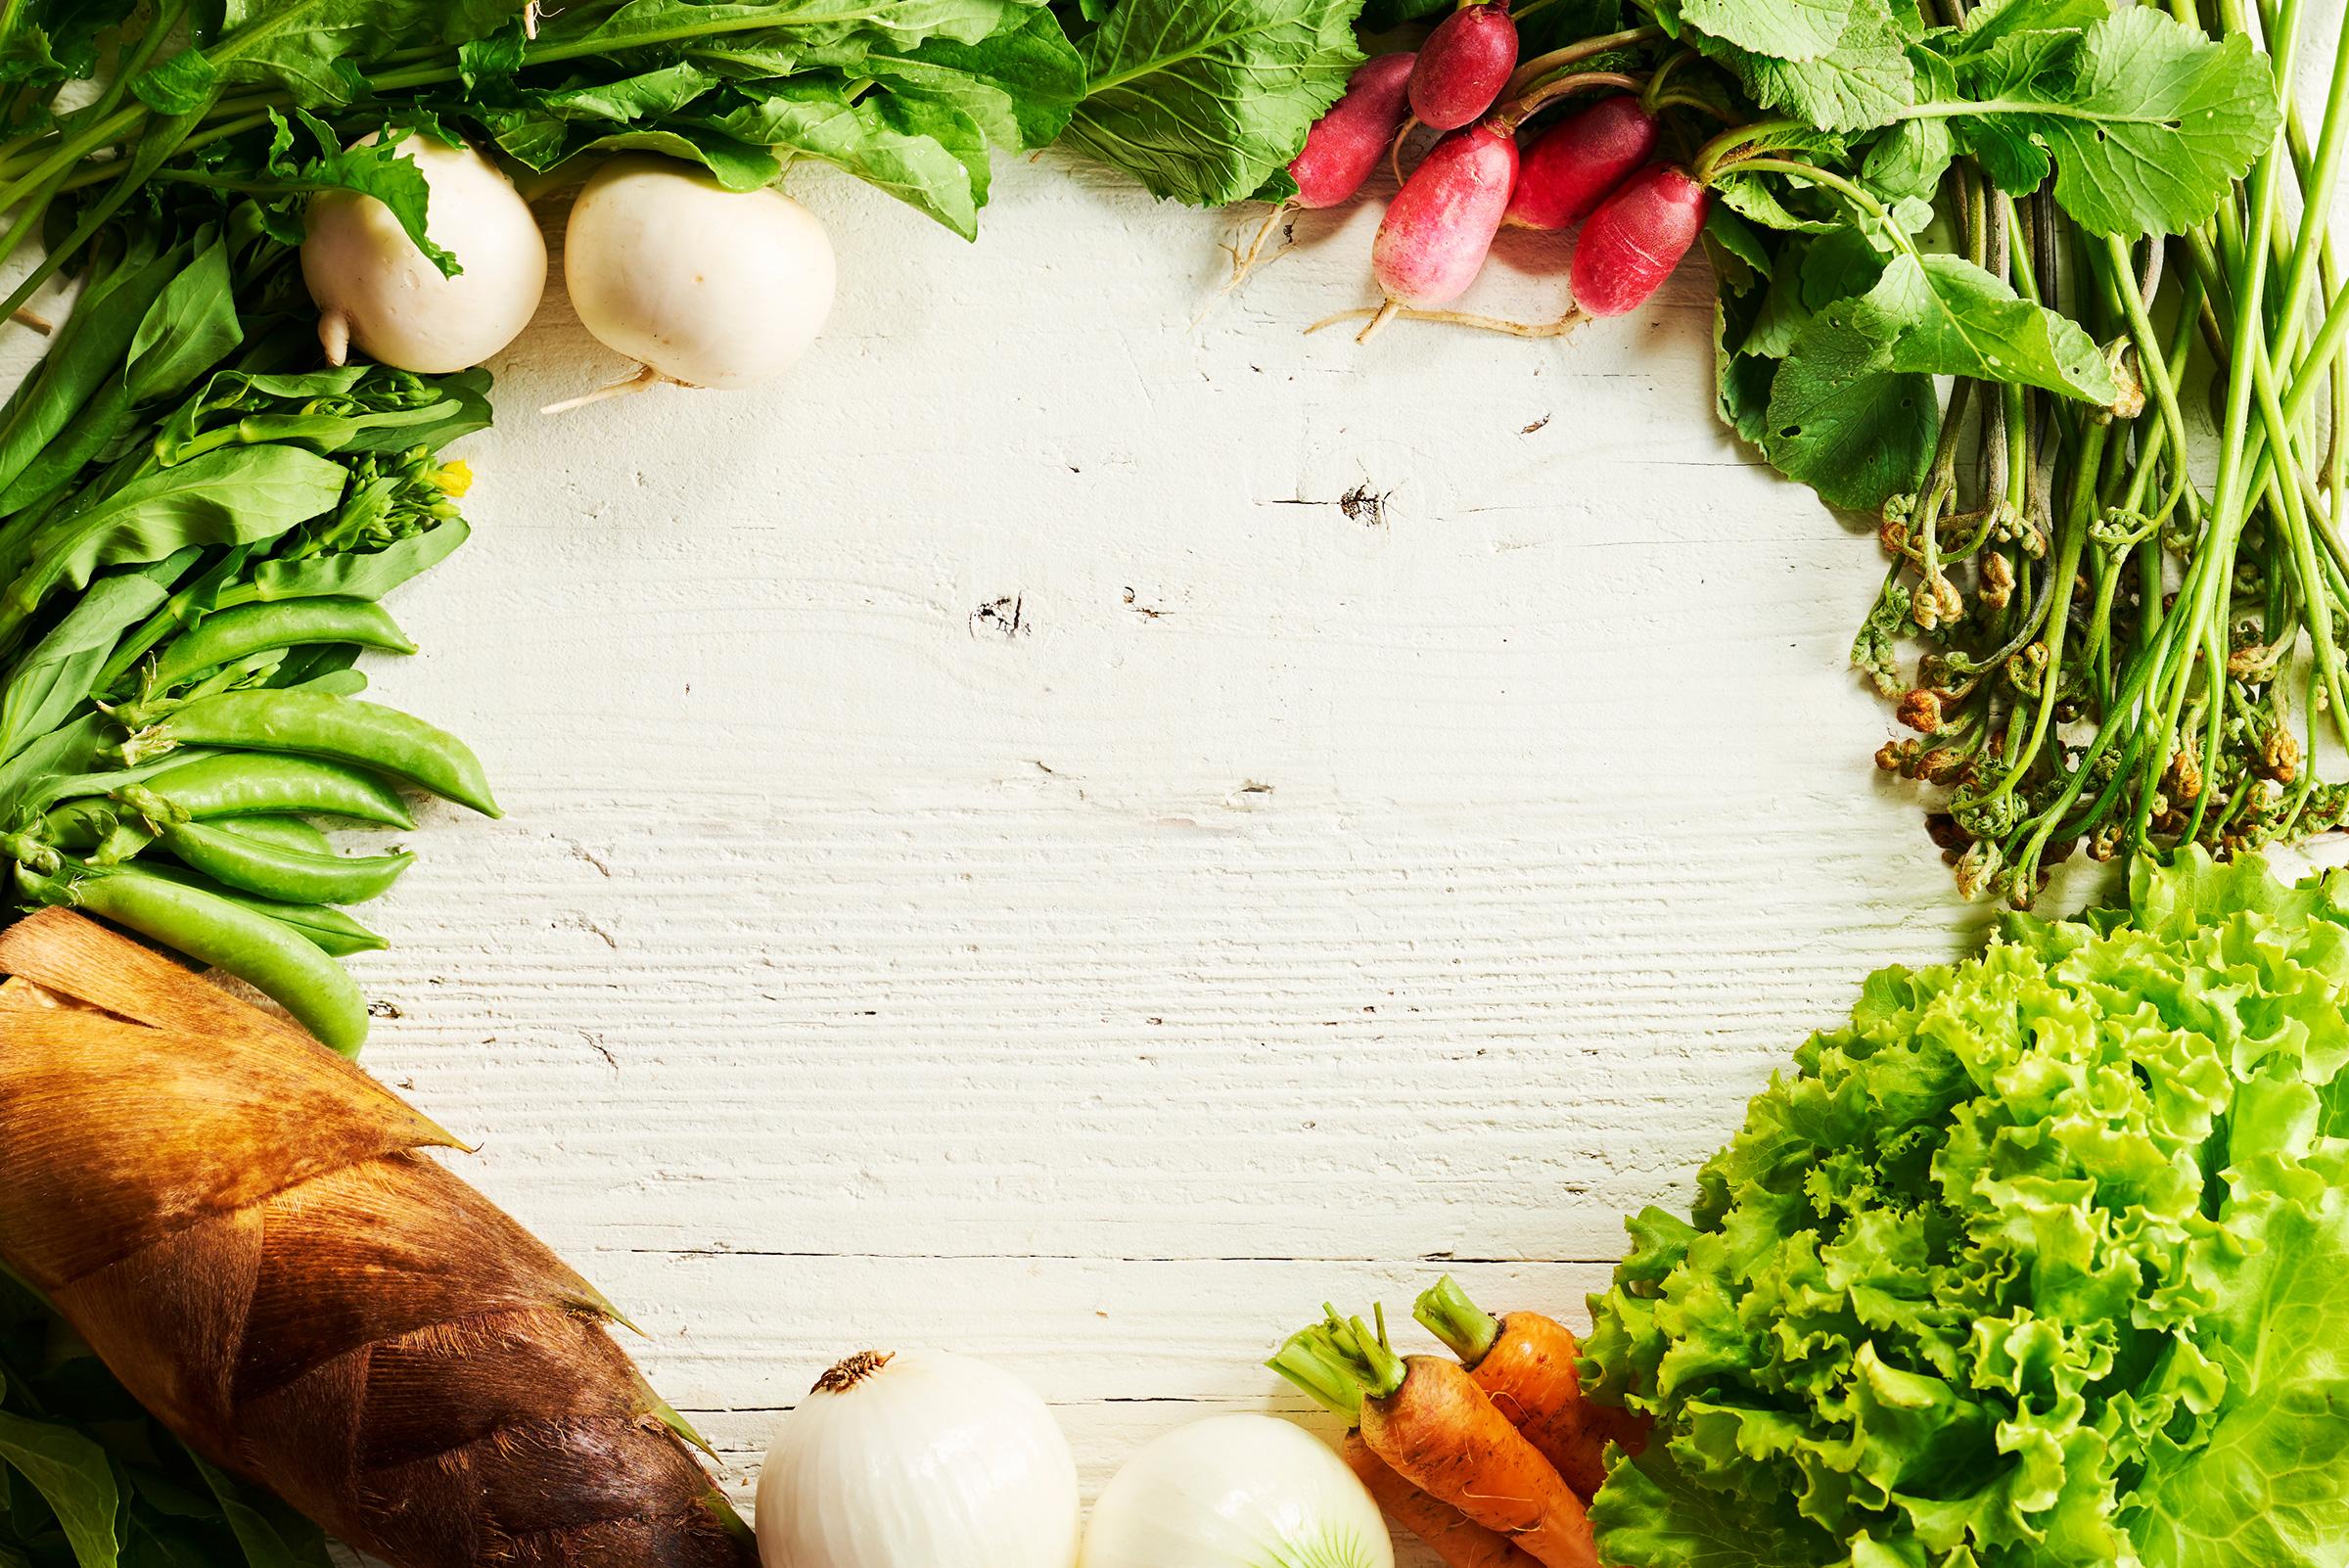 食材宅配サービスのココノミ | 無農薬野菜や有機系の加工品などオーガニック食材を宅配